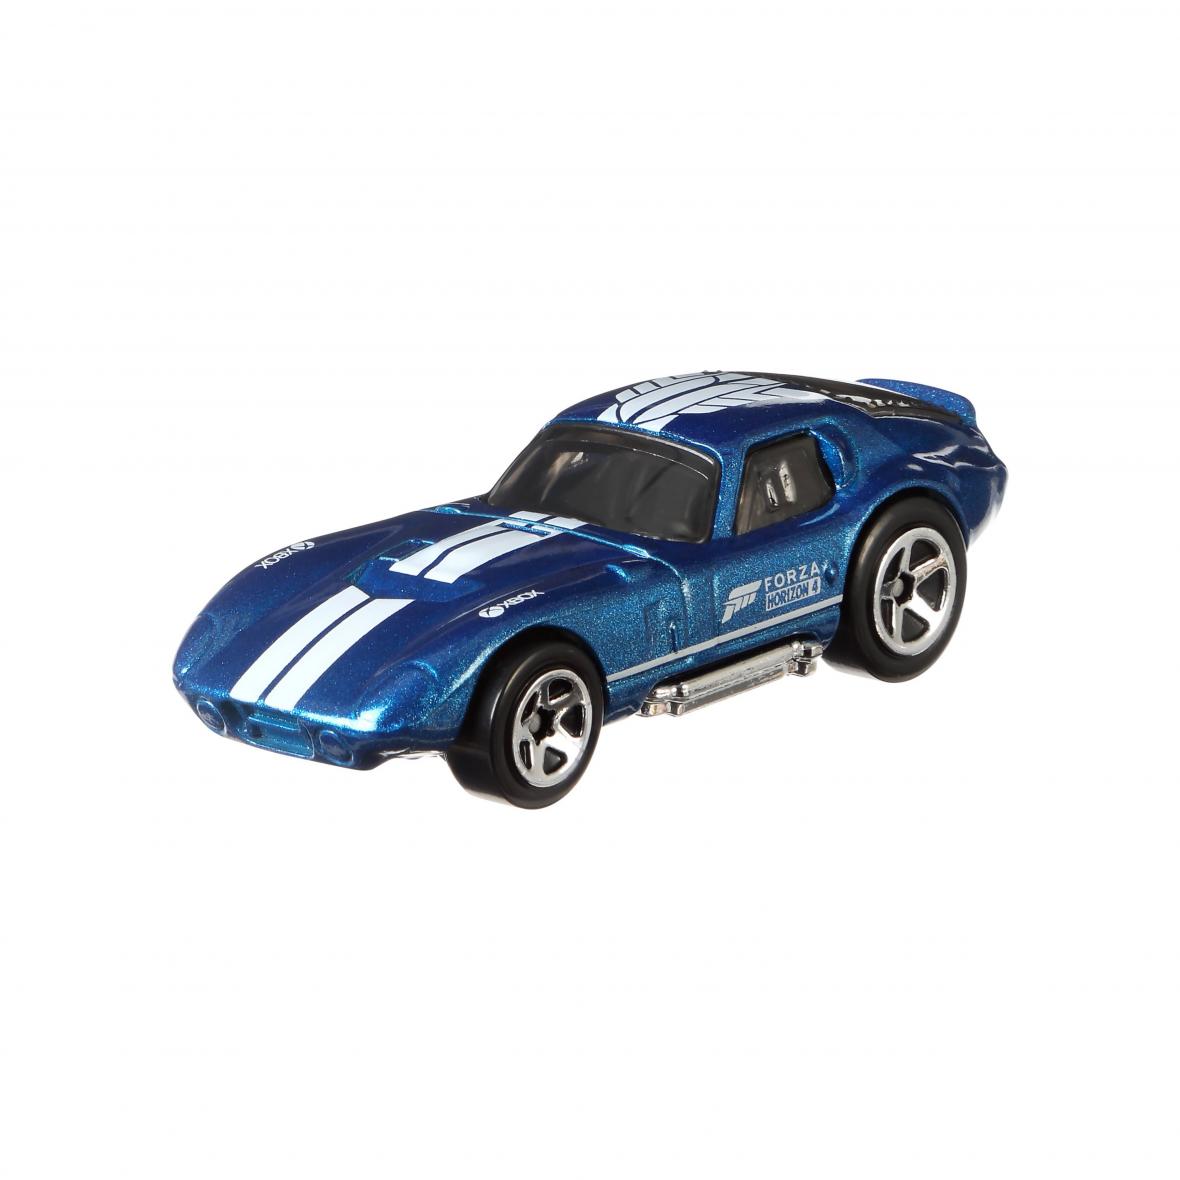 Hot Wheels Themed Auto Asst Shelby Cobra Daytona